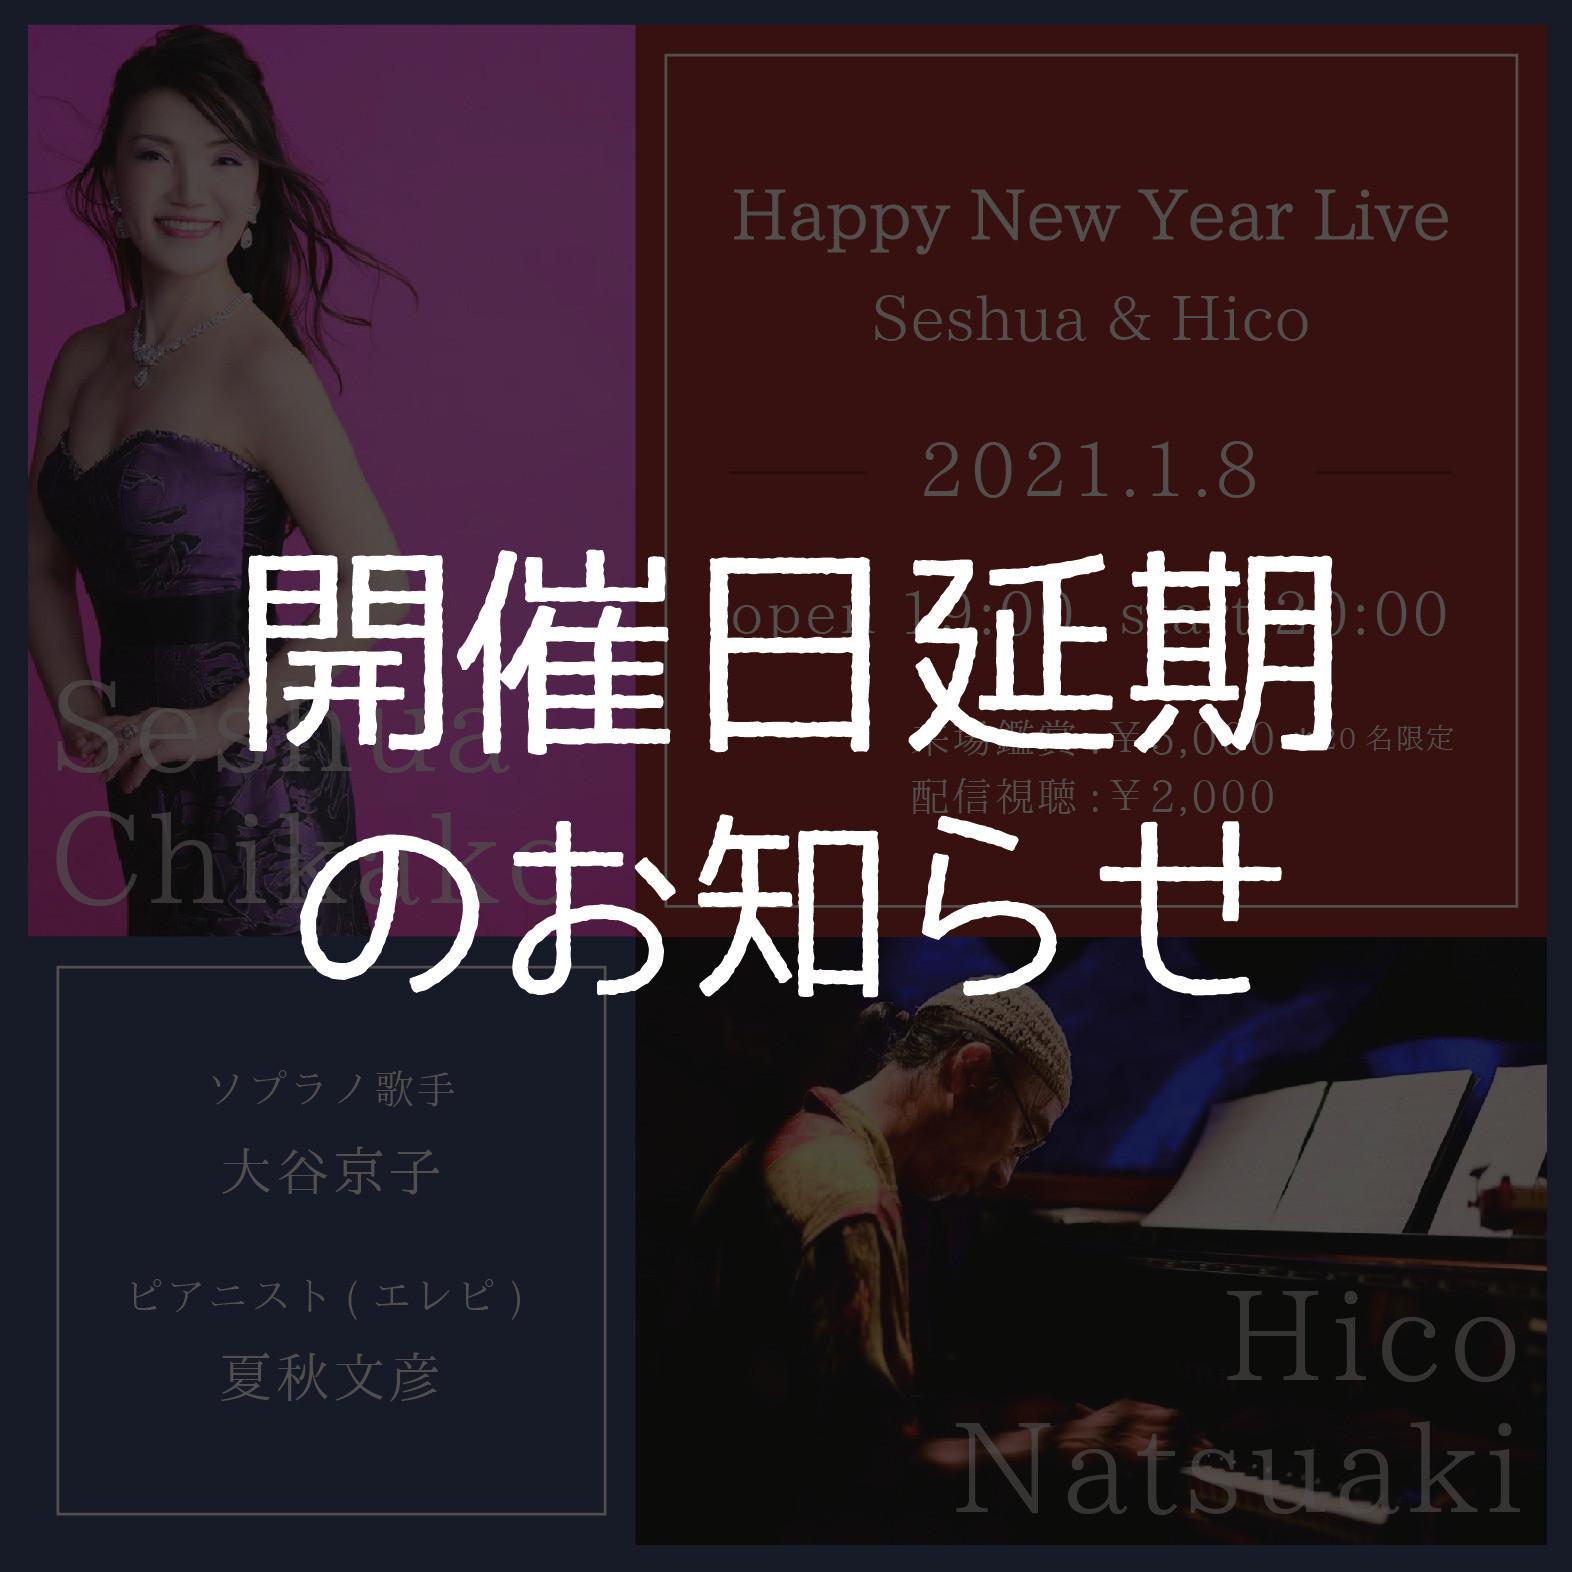 1月8日(金)Happy New Year Live Seshua & Hico